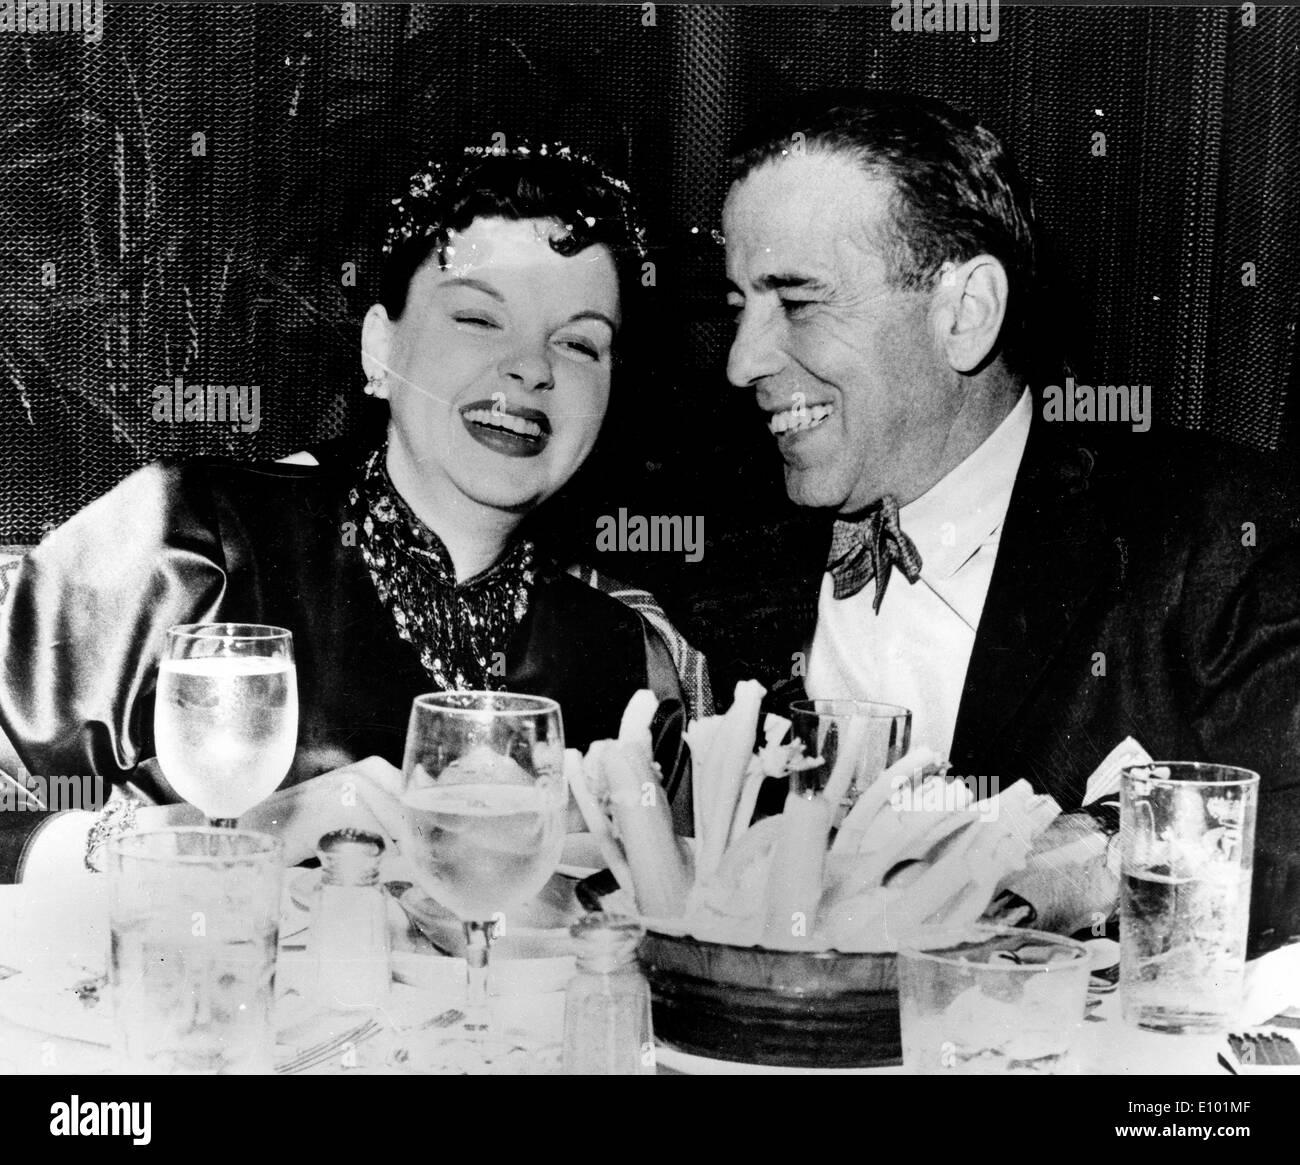 Schauspieler Judy Garland und Humphrey Bogart Essen zusammen Stockbild